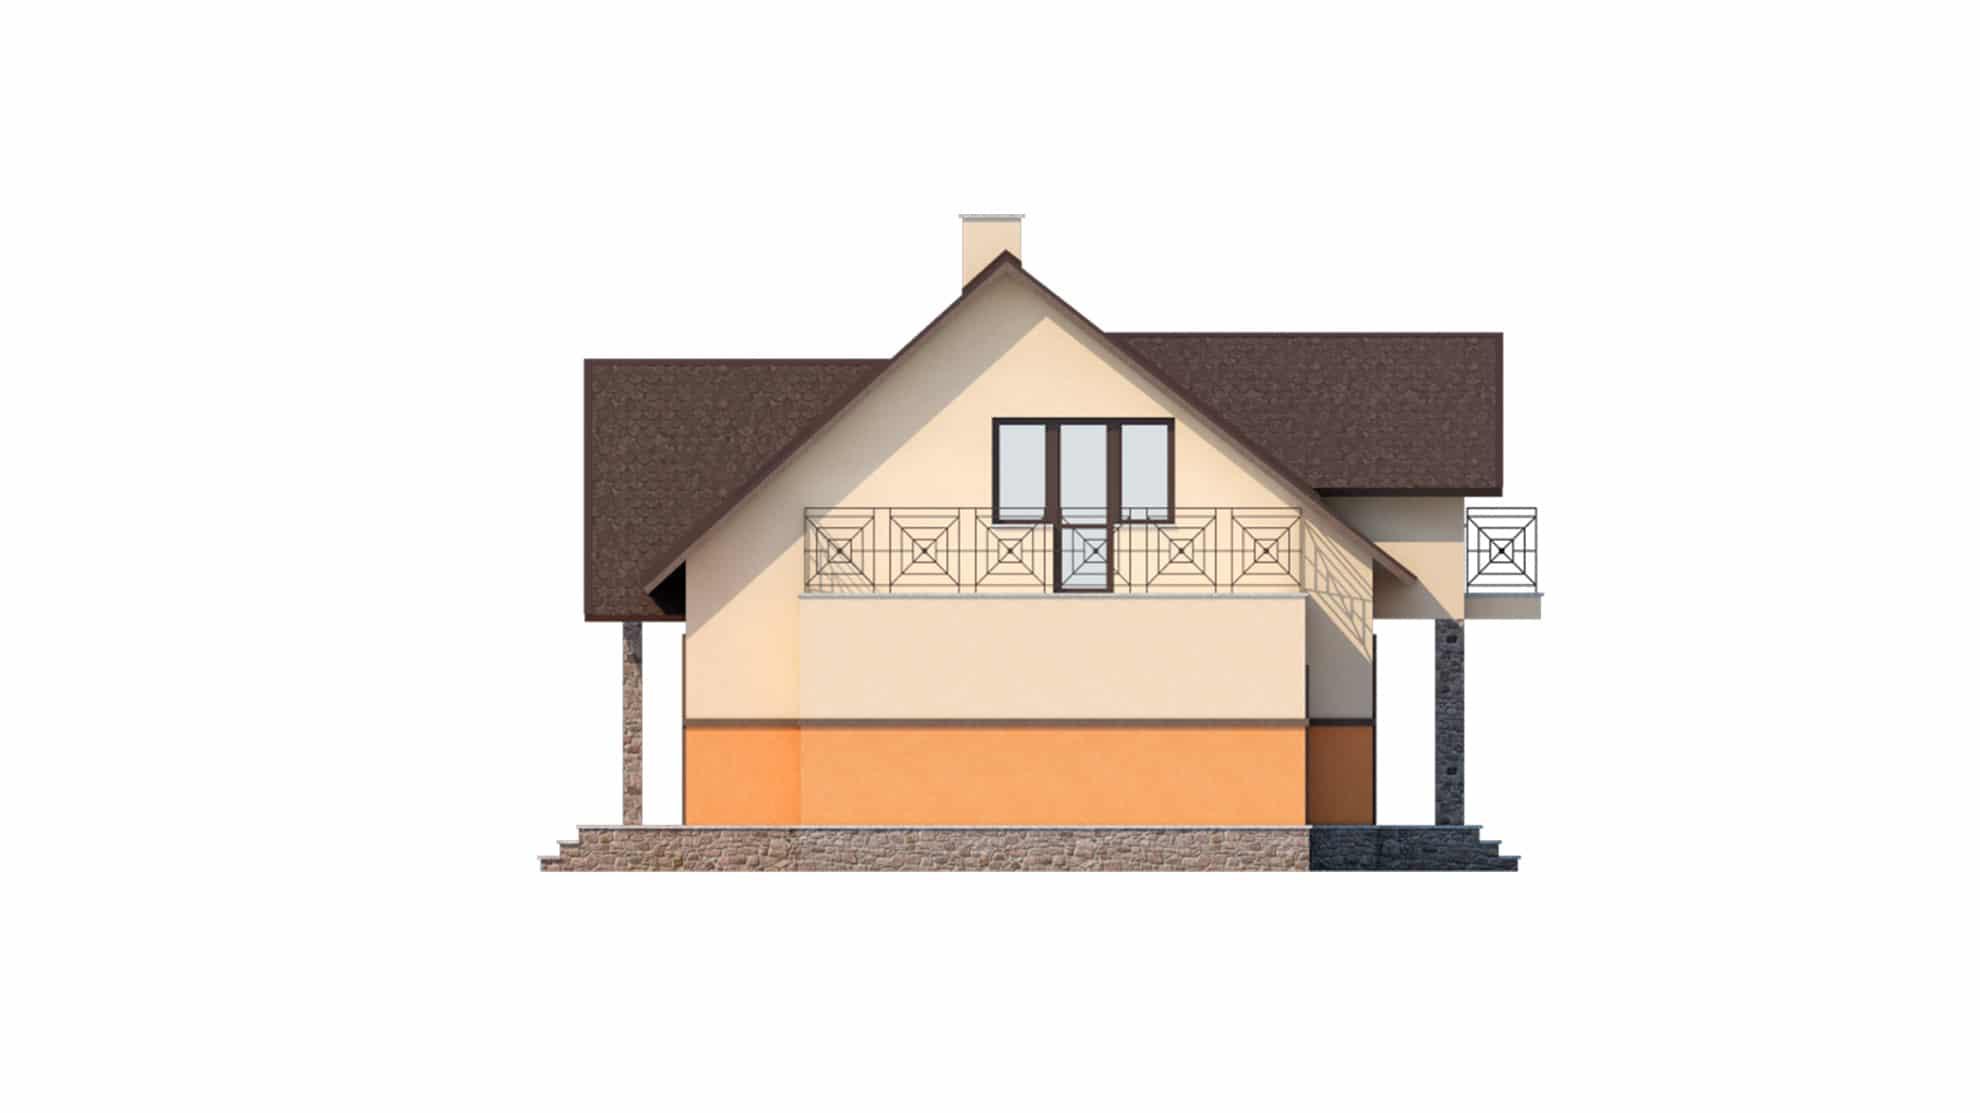 Фасад мансардного дома с гаражом, террасой и балконом «КМ-37» - справа